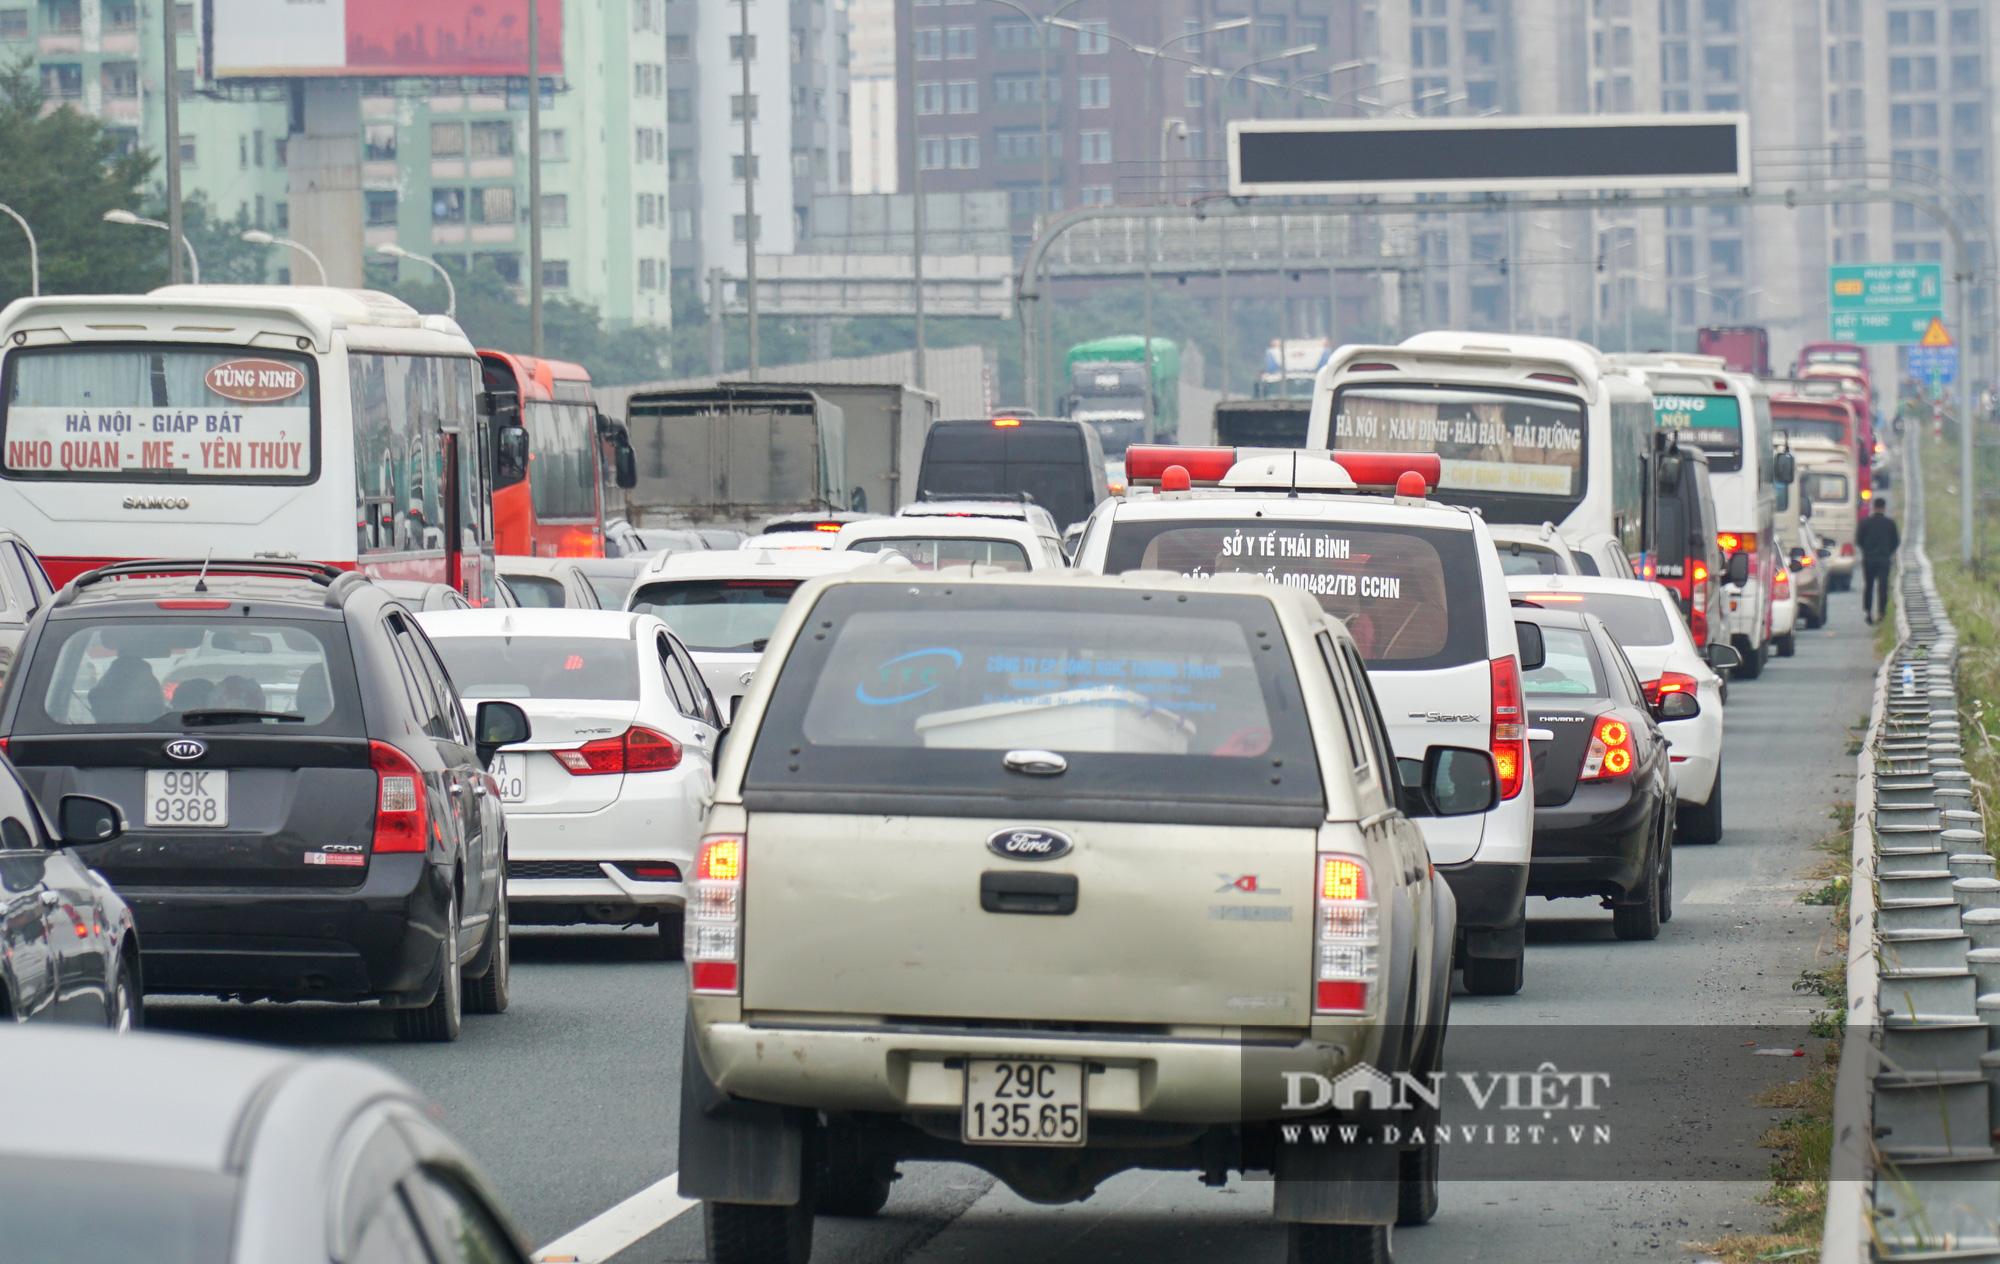 Cửa ngõ Thủ đô ùn tắc gần chục cây số sau khi kết thúc kỳ nghỉ Tết Dương lịch - Ảnh 9.